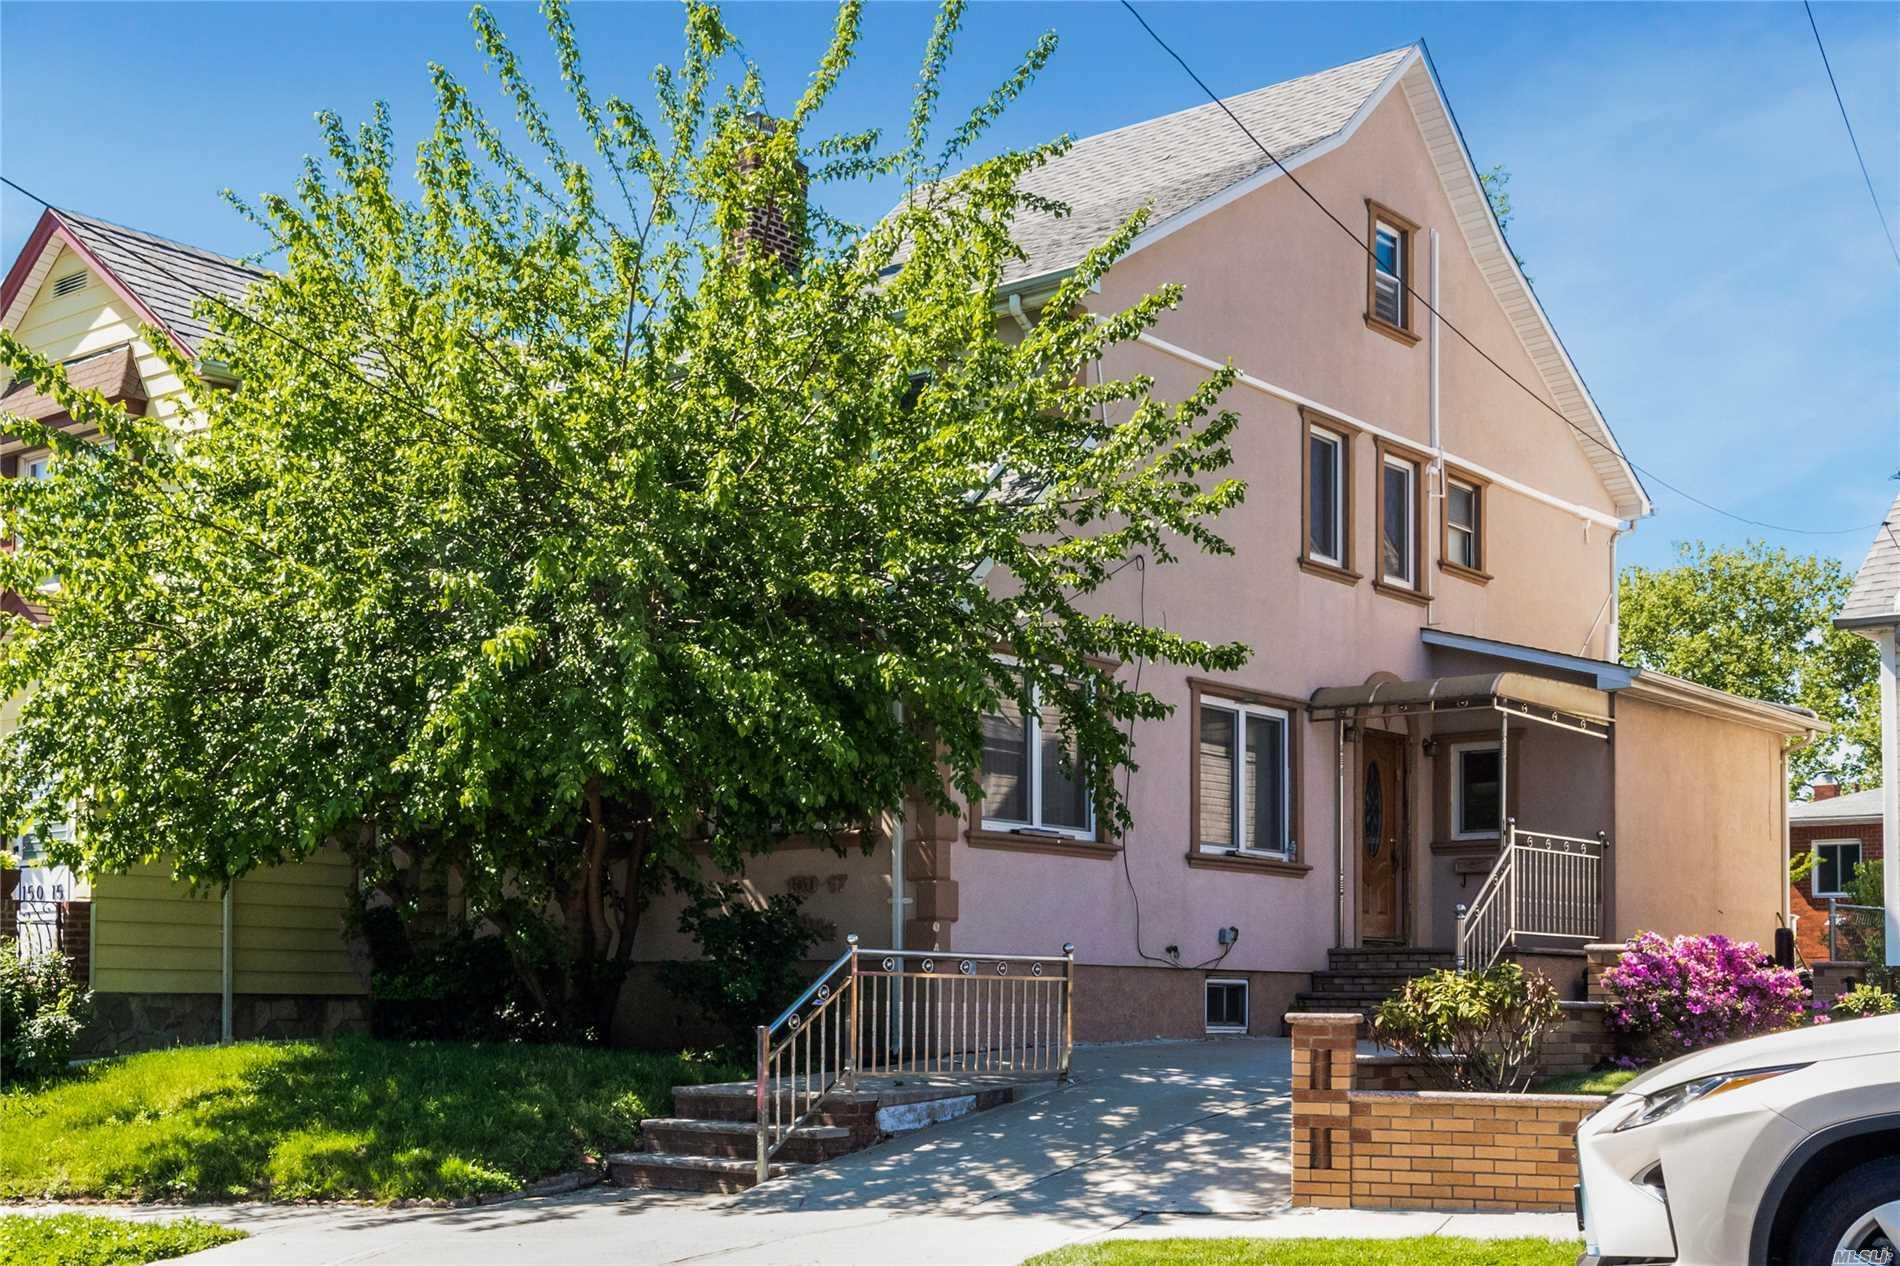 150-17 84 Ave Briarwood, NY 11432